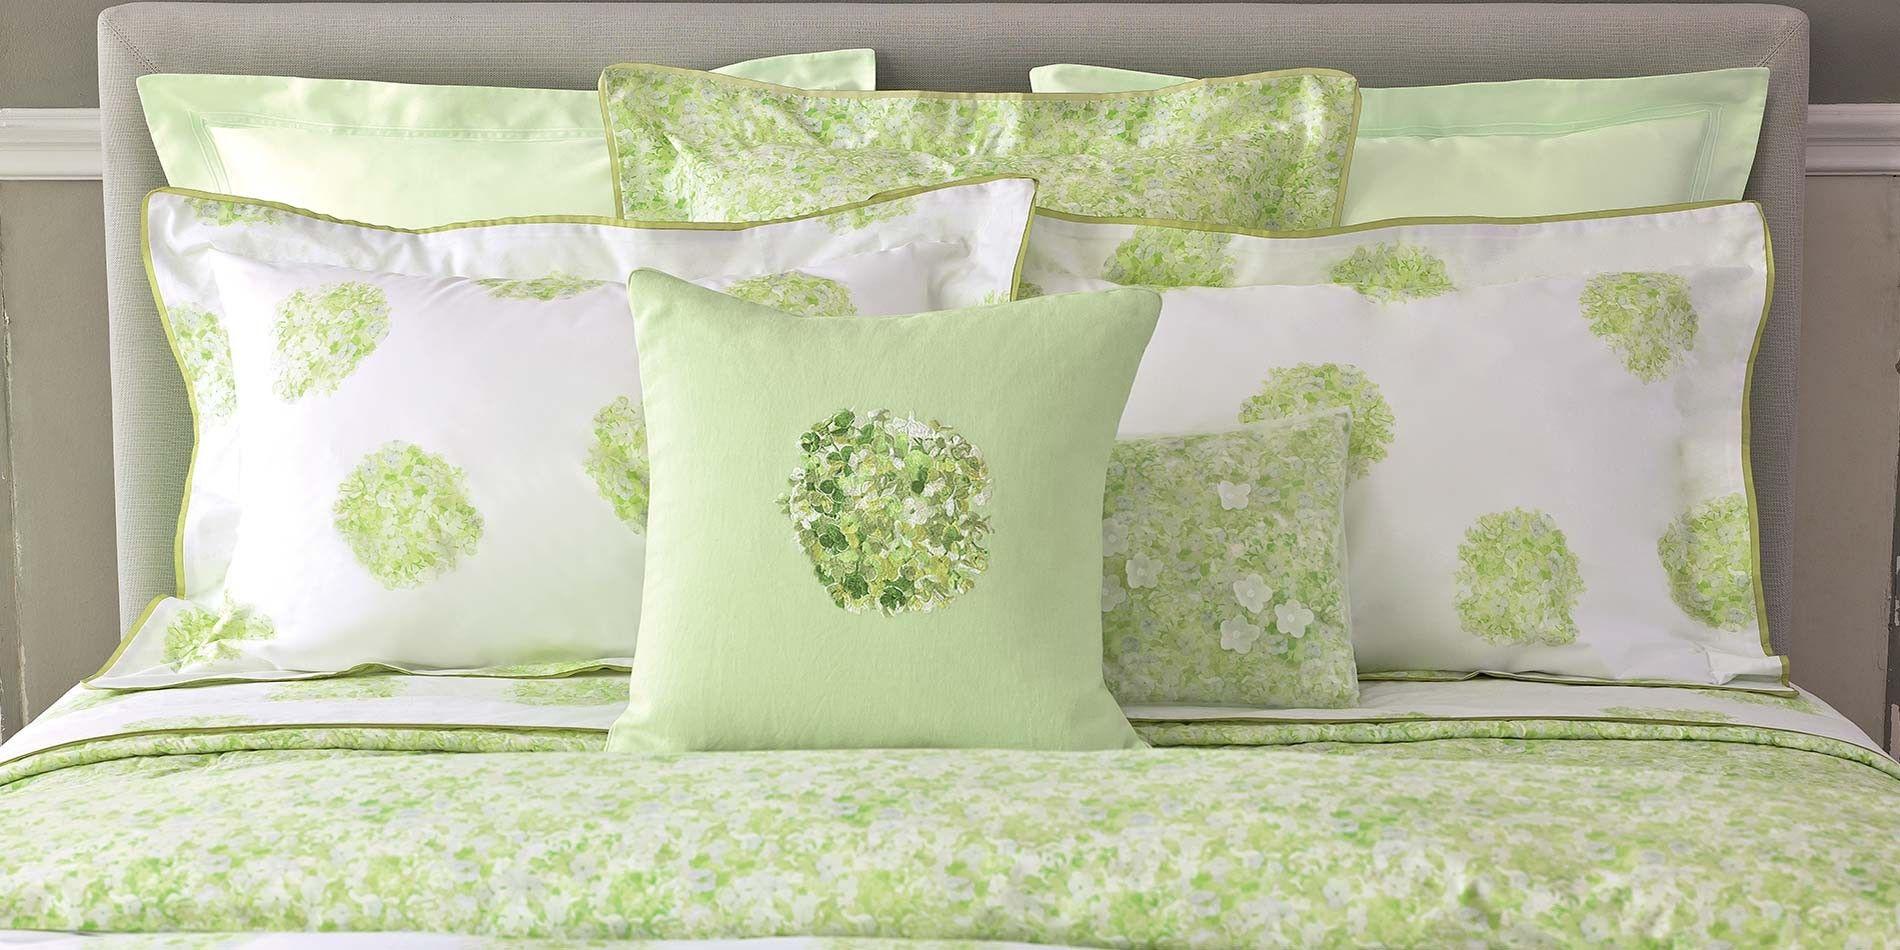 parure de lit trevert linge de lit imprim haut de. Black Bedroom Furniture Sets. Home Design Ideas